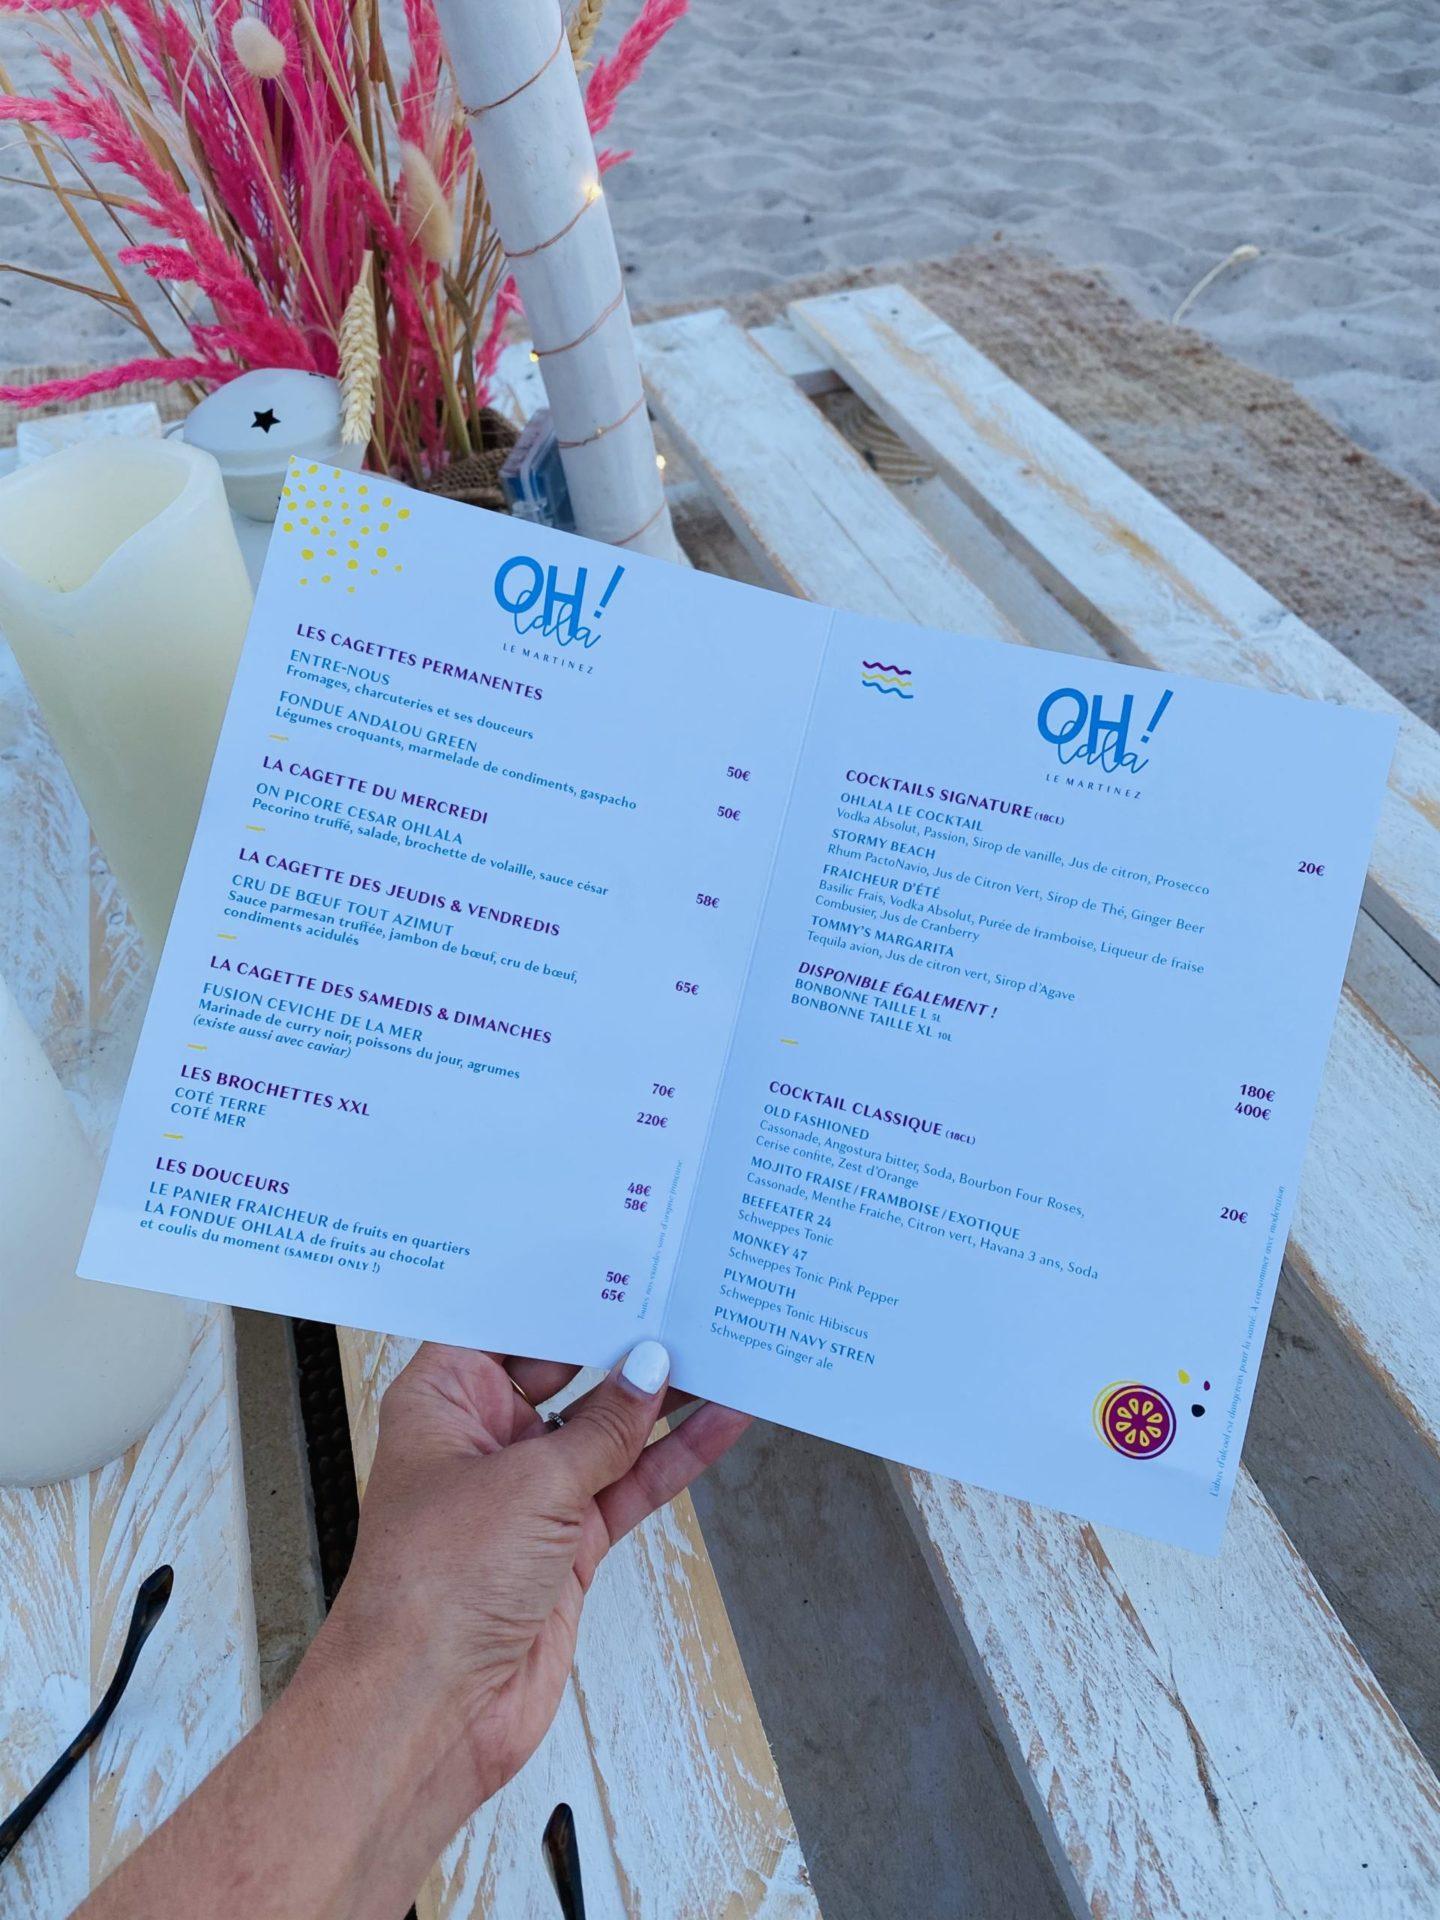 ohlala-martinez-cannes-cote-d-azur6